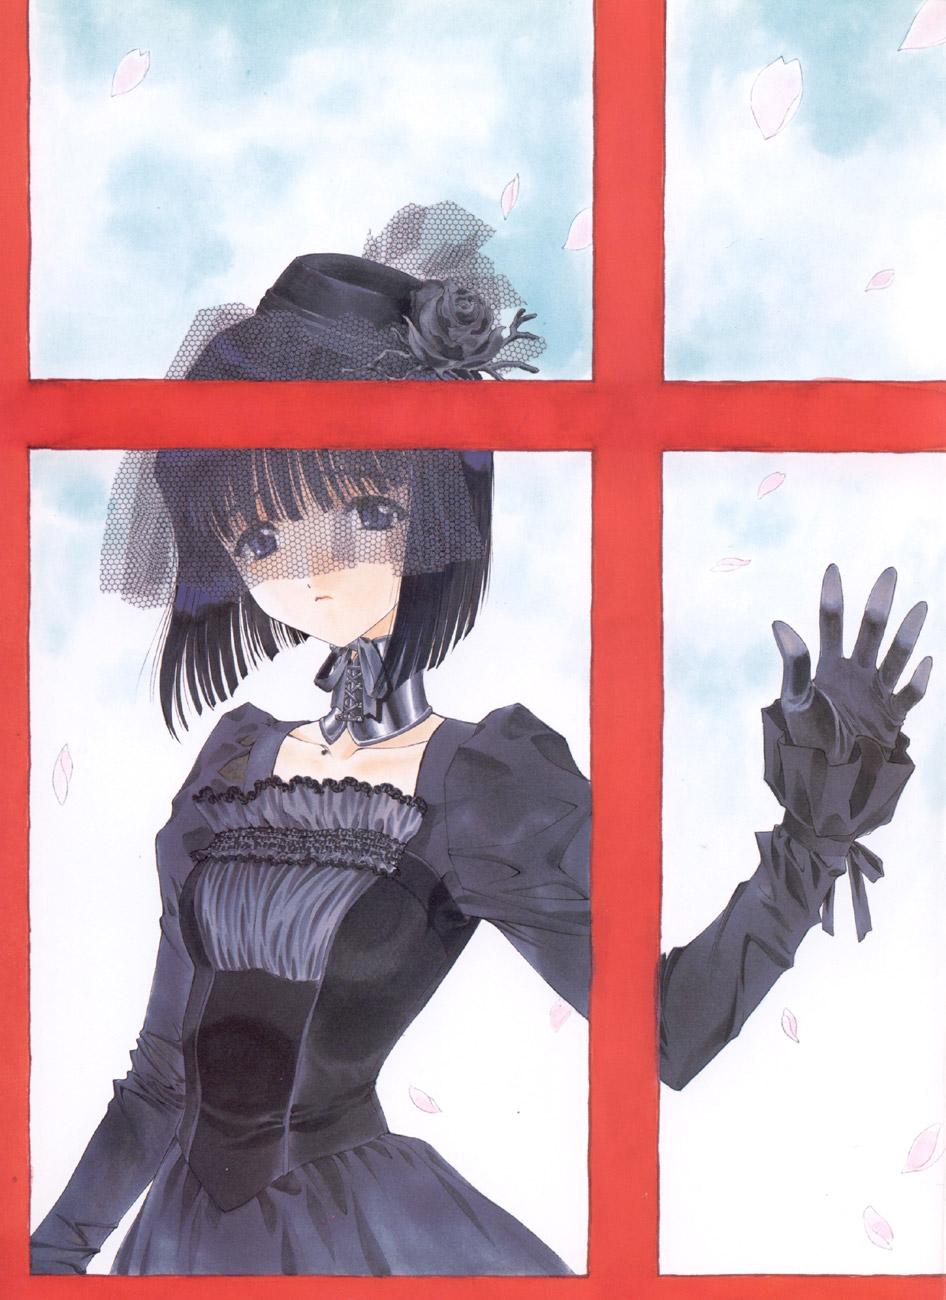 Sakura Wars illustrations: the Origin + Tribute image by Utatane Hiroyuki